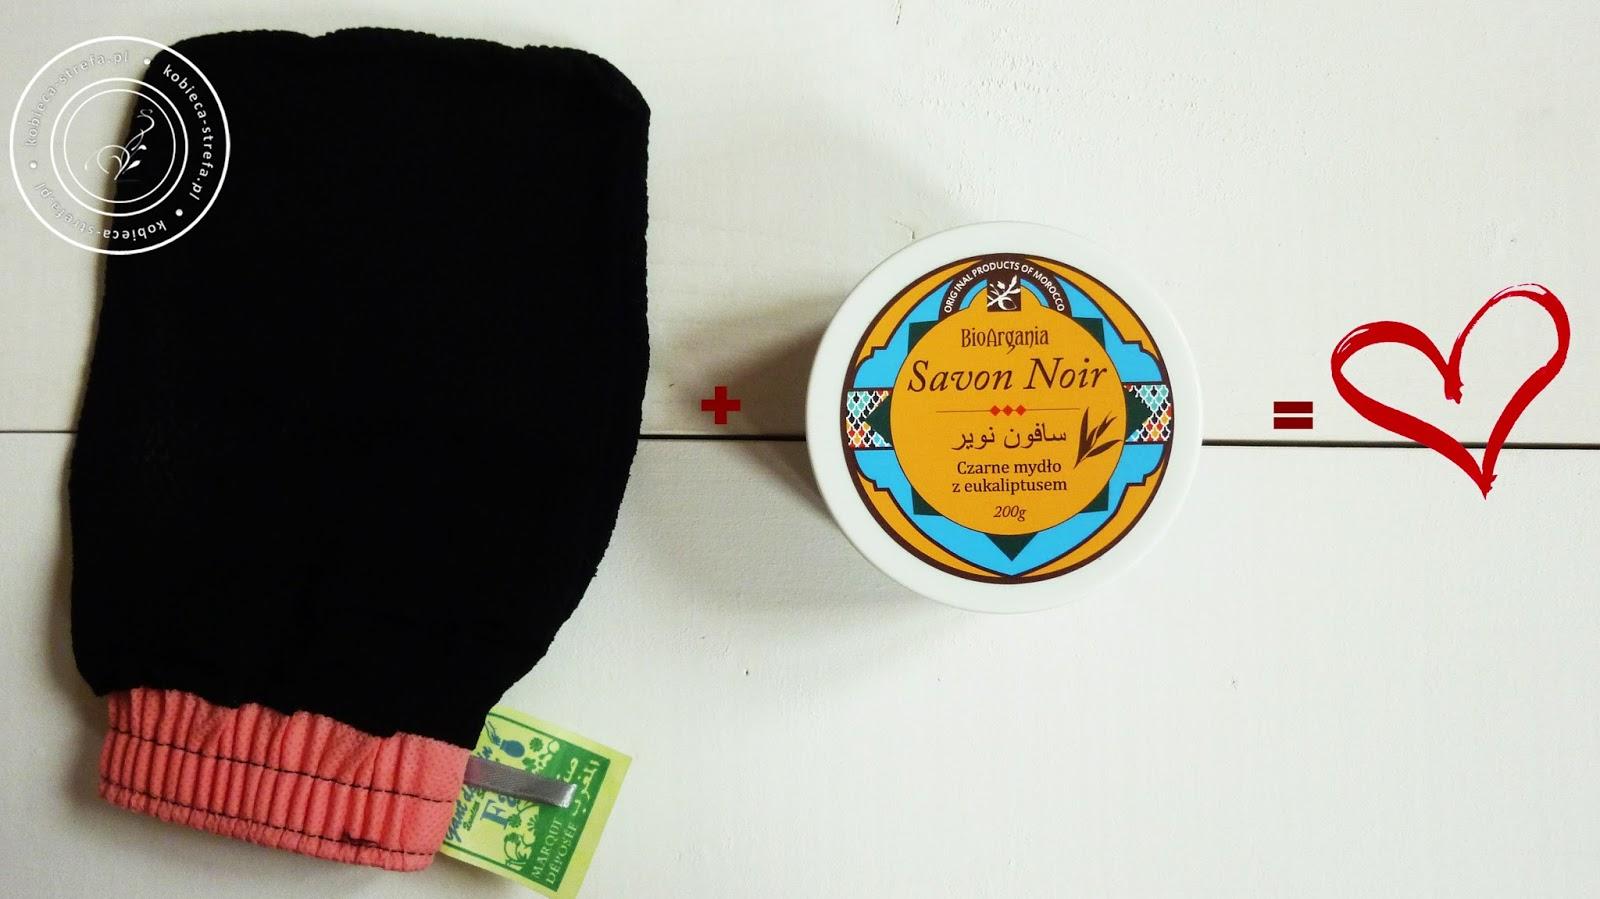 Czarne mydło z eukaliptusem i rękawica kessa czyli duet idealny